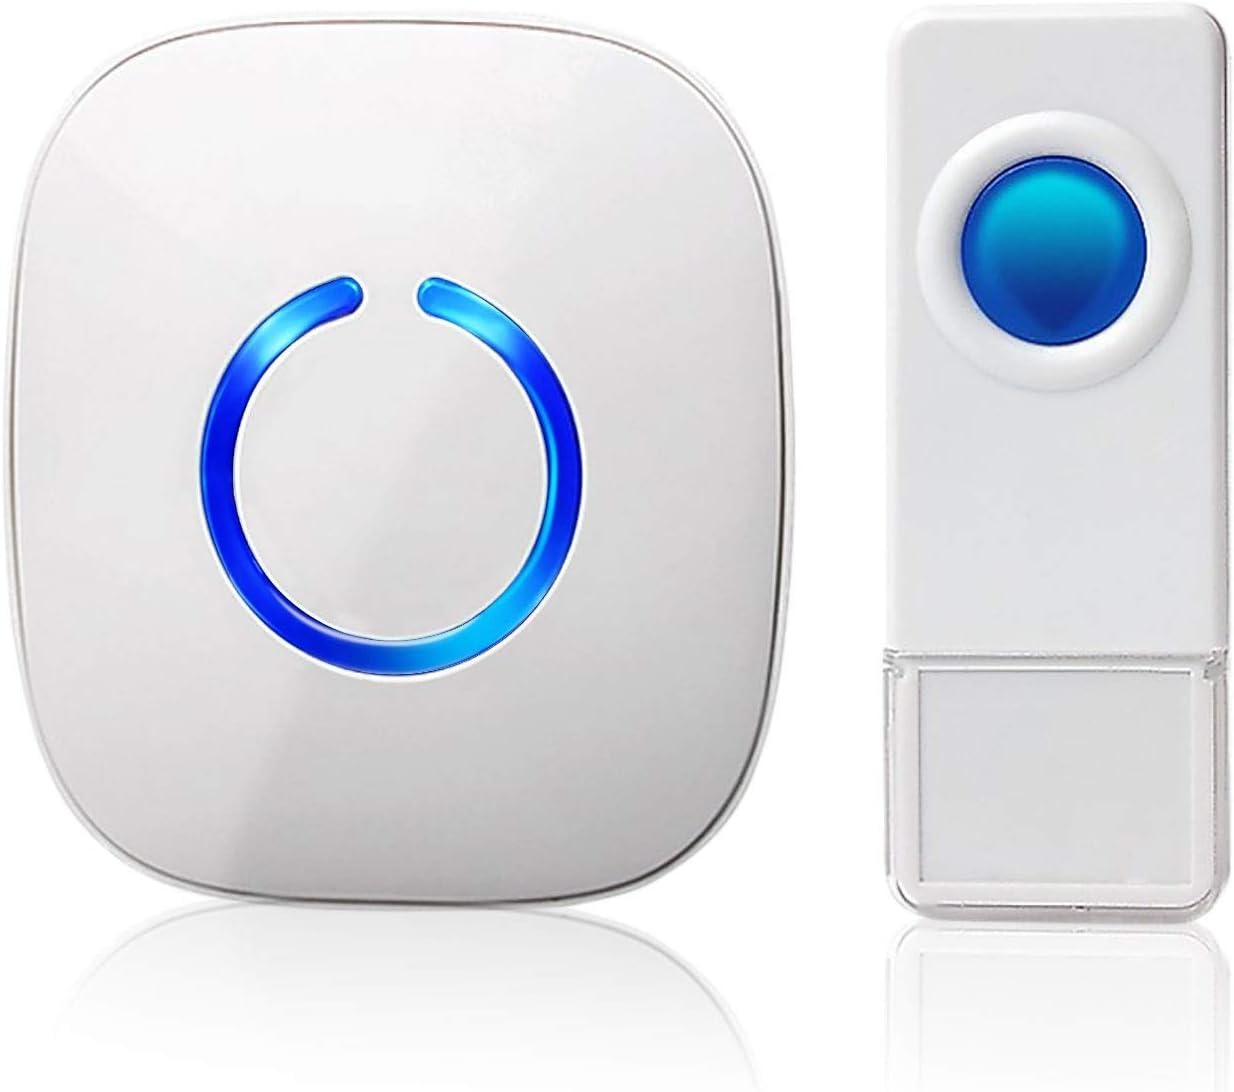 Wireless Doorbell by SadoTech – Waterproof Door Bells & Chimes – Over 1000-Foot Range, 52 Door Bell Chime, 4 Volume Levels with LED Flash – Wireless Doorbells for Home – Waterproof Model C (White)